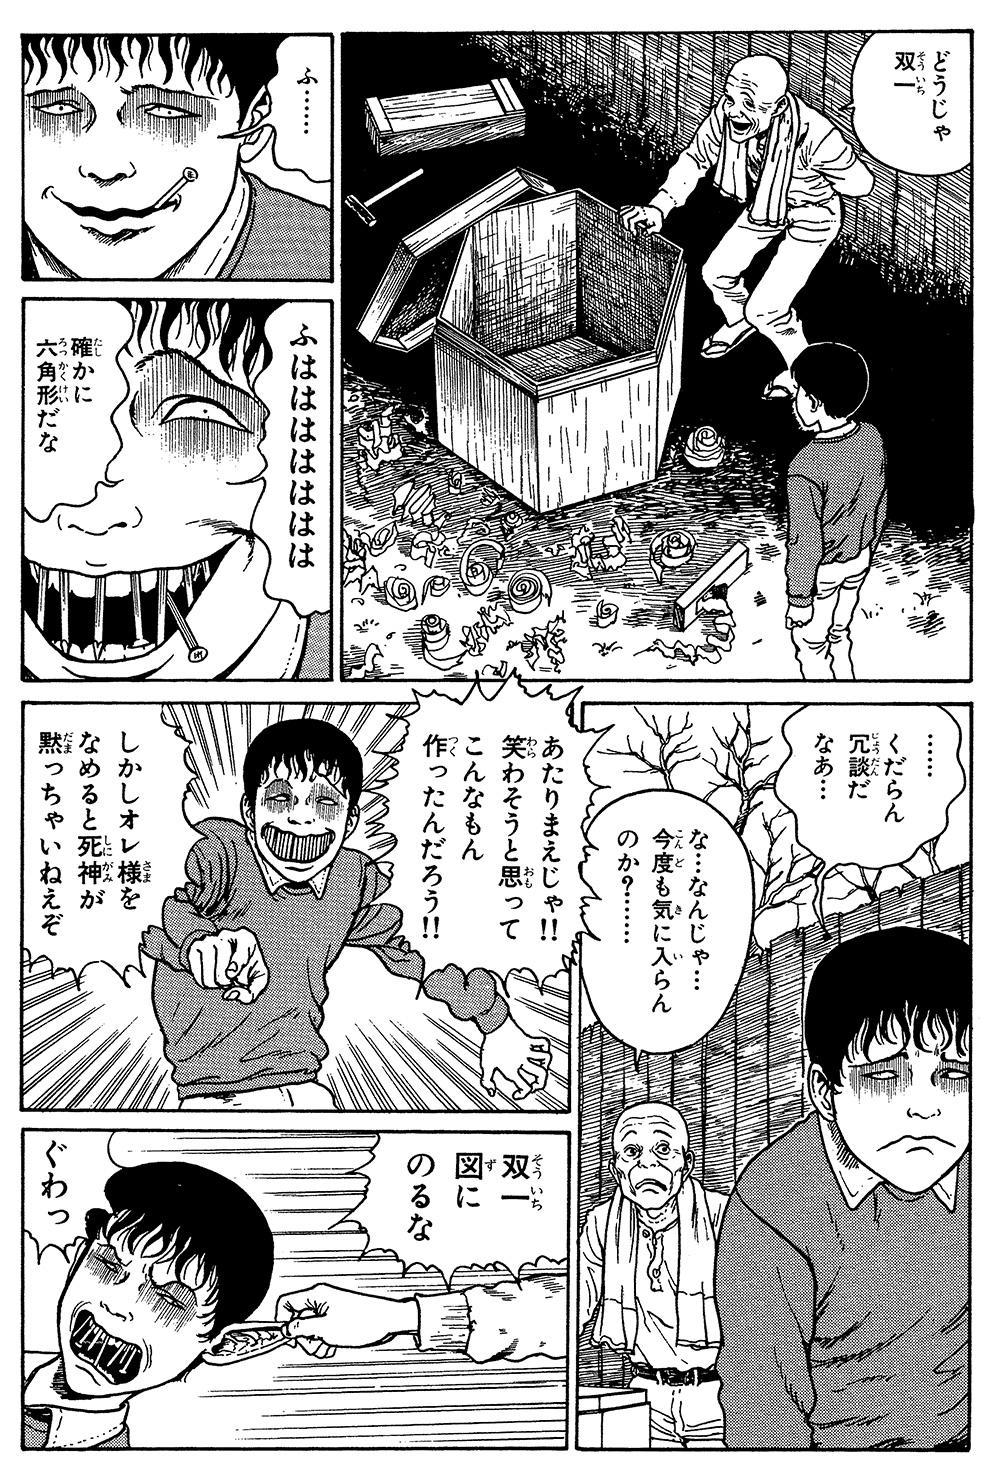 伊藤潤二傑作集「棺桶」①kanoke01-14.jpg